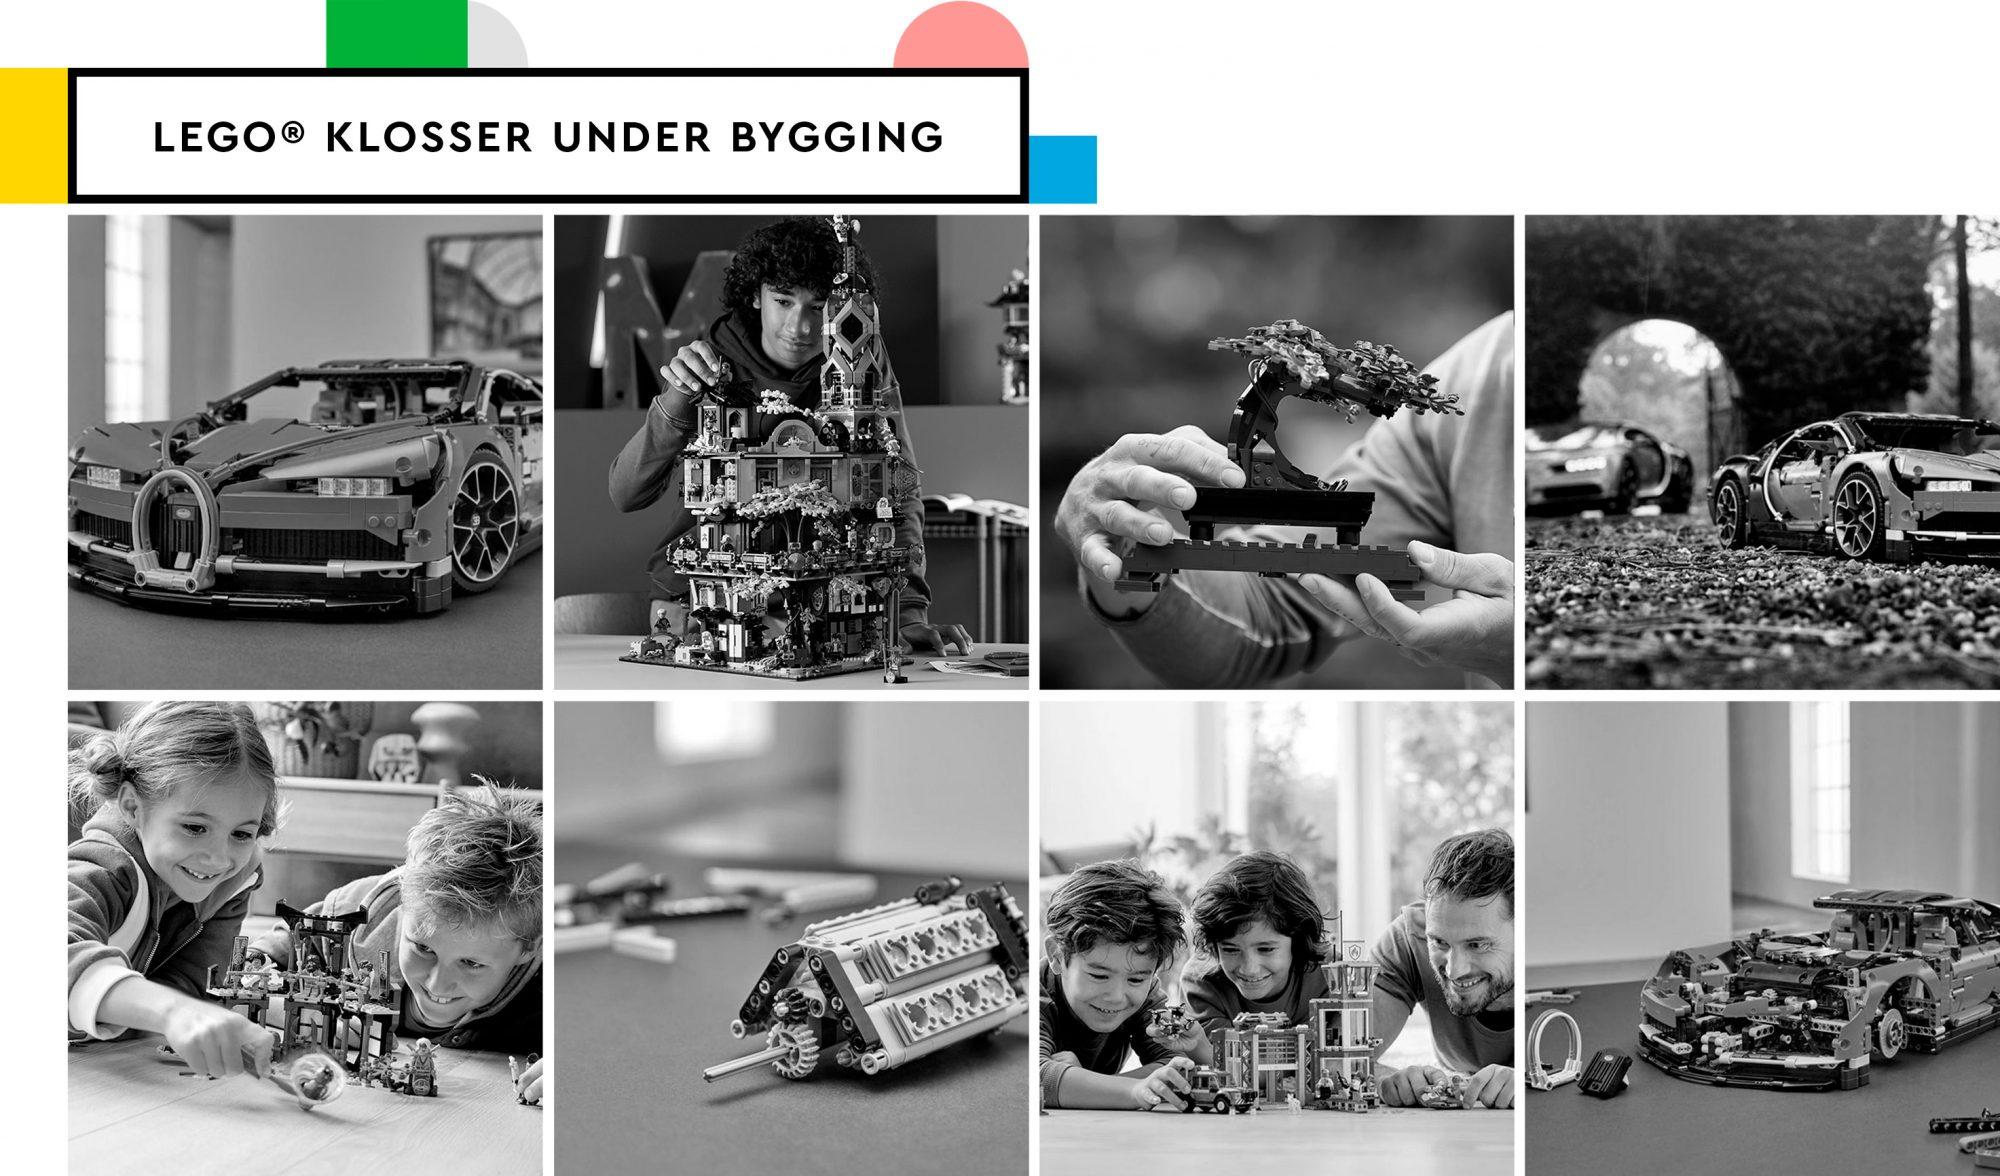 Lego klosser under bygging